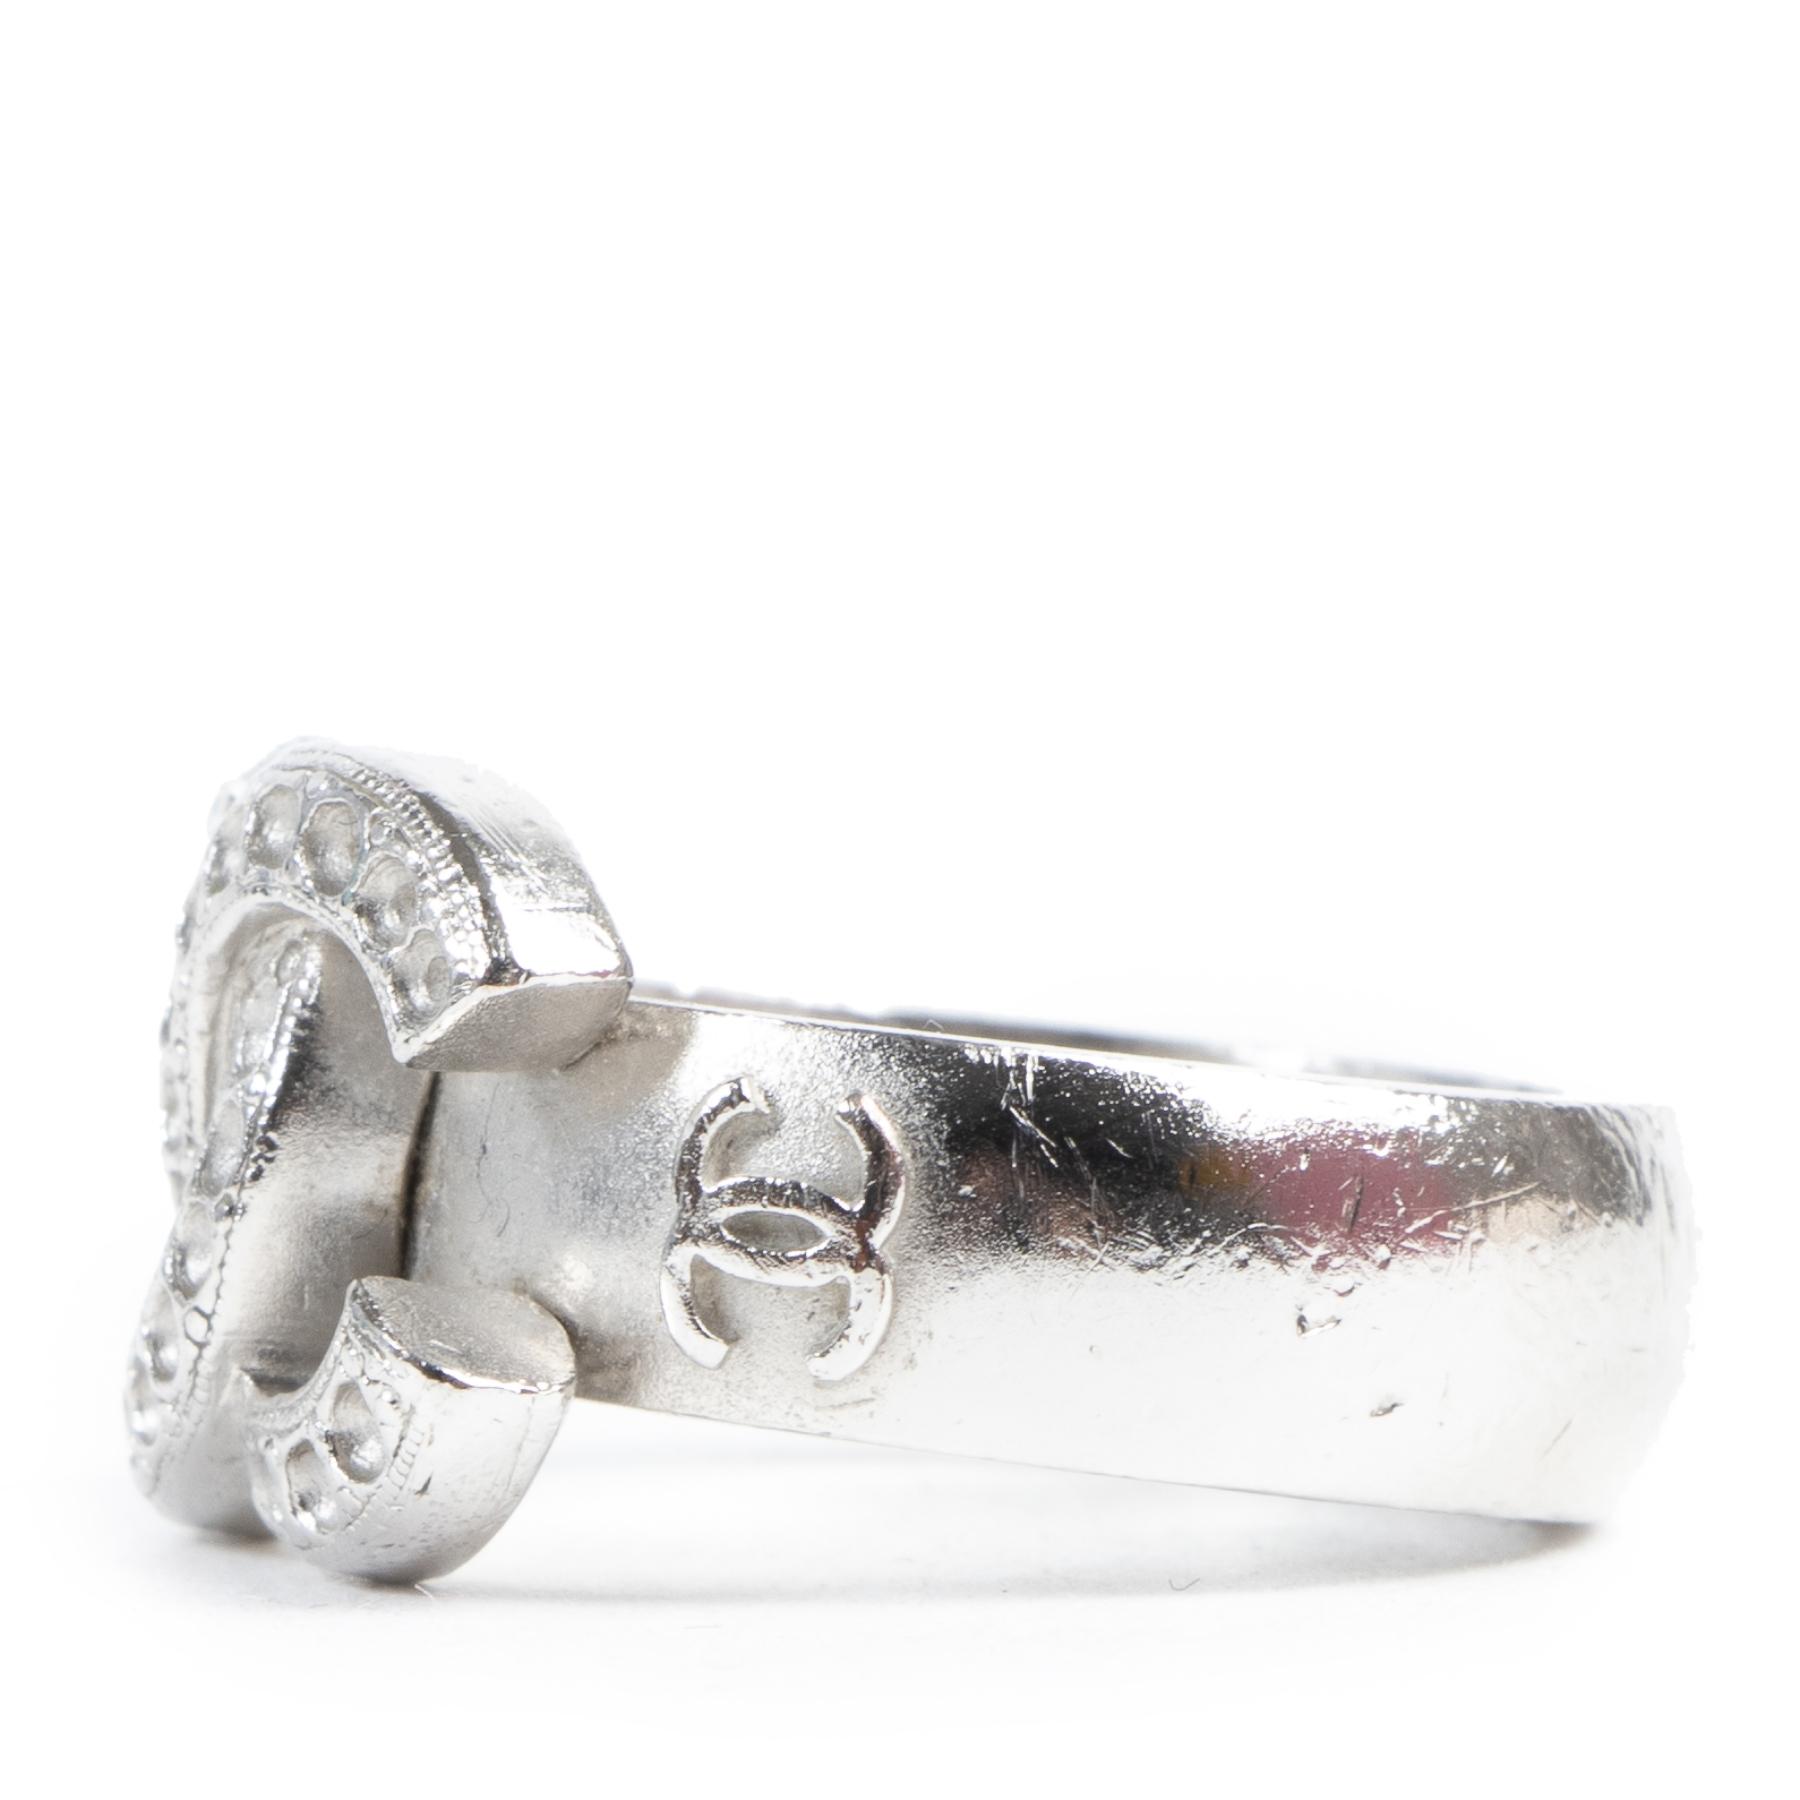 Authentieke Tweedehands Chanel Silver CC Logo Ring juiste prijs veilig online shoppen luxe merken webshop winkelen Antwerpen België mode fashion